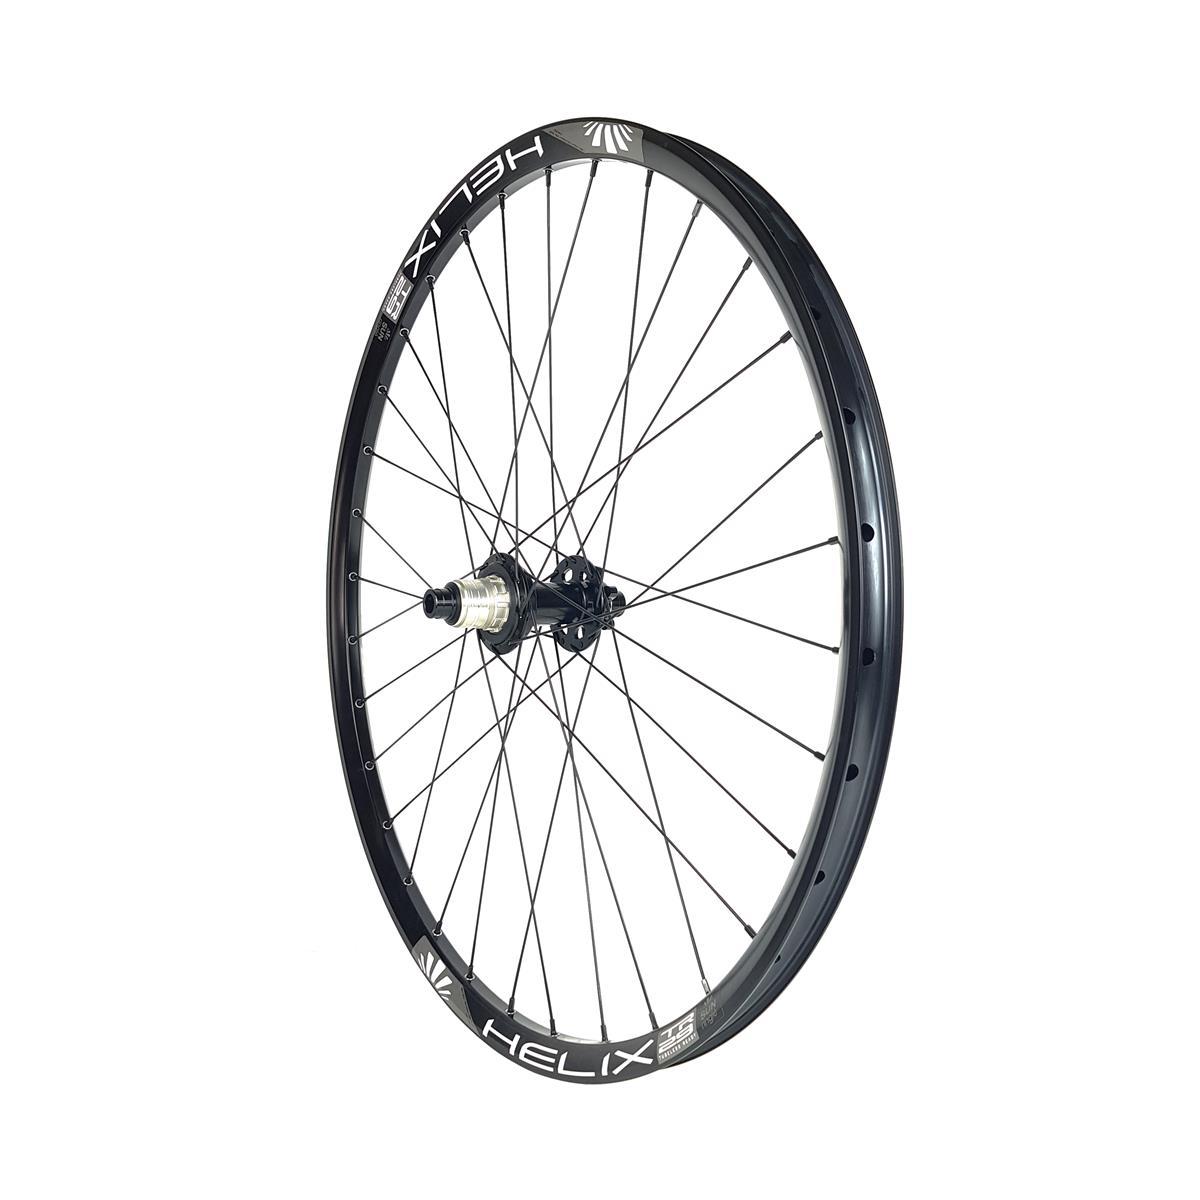 Pair enduro wheels 27.5'' 11/12s Sram Boost inner bead width 25mm